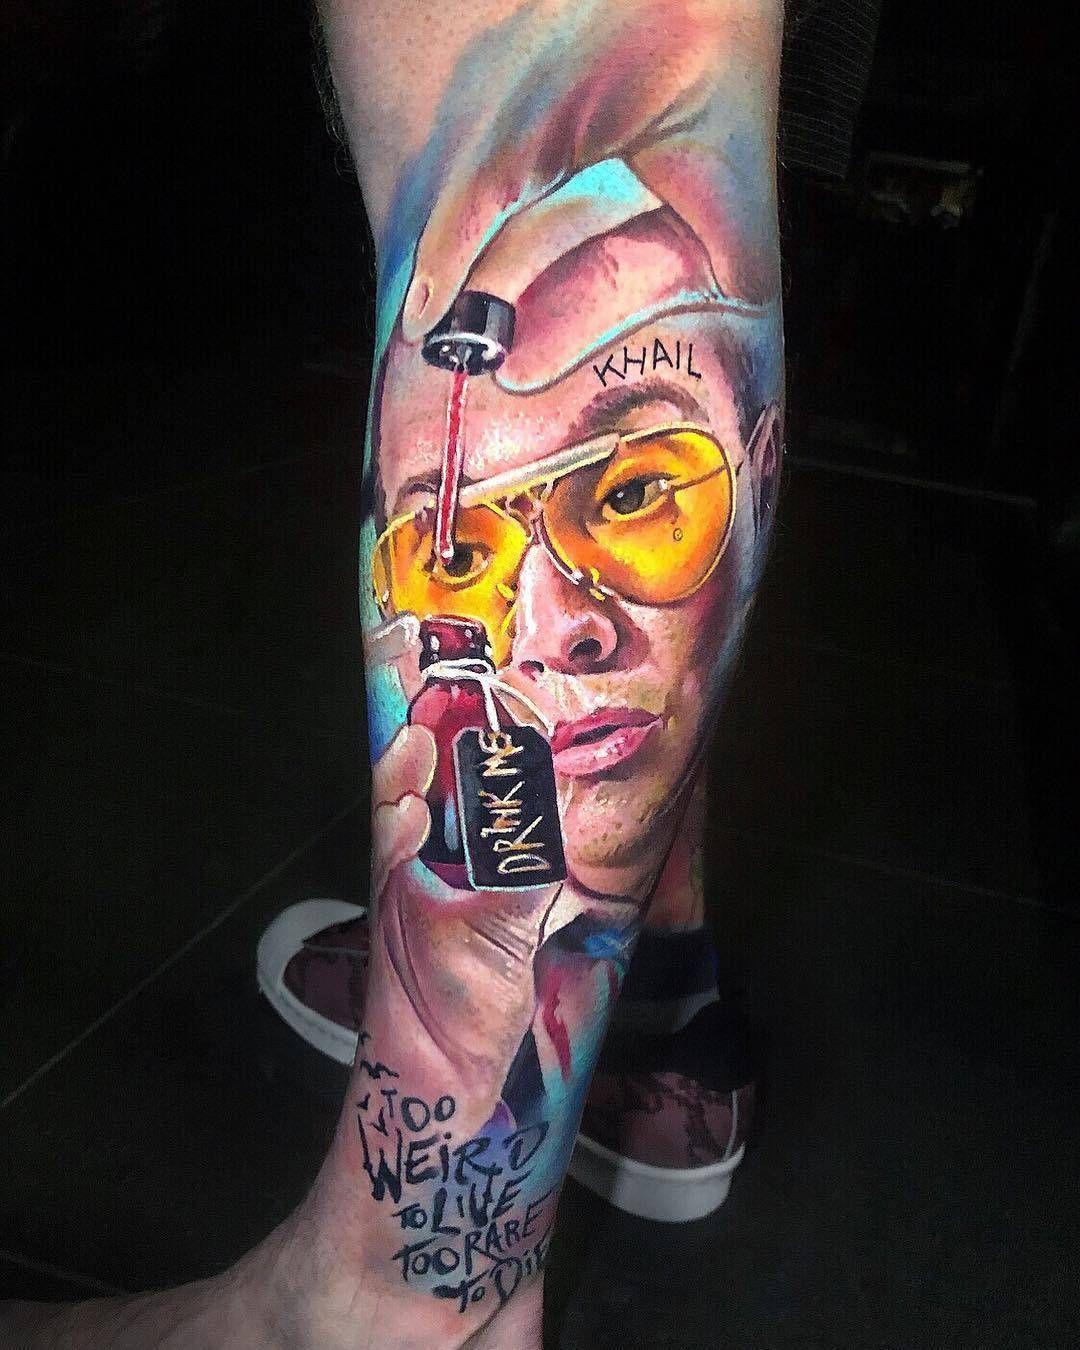 Crazy tattoo by khail aitken weird tattoos leg tattoo